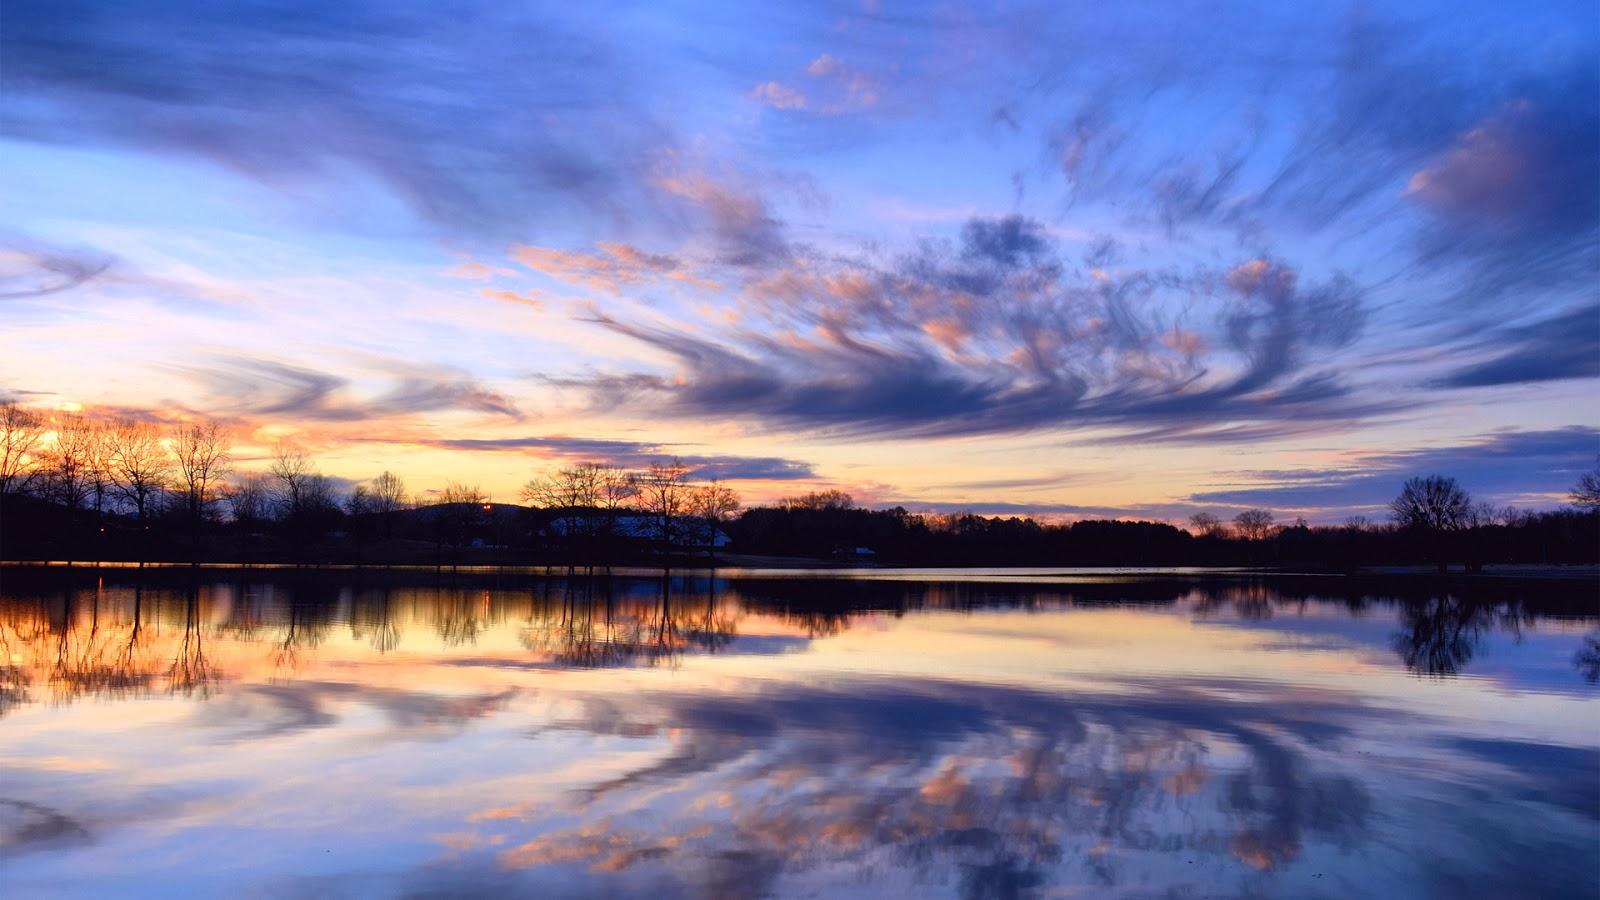 صور غروب الشمس احلي صور الغروب بجودة HD (1)